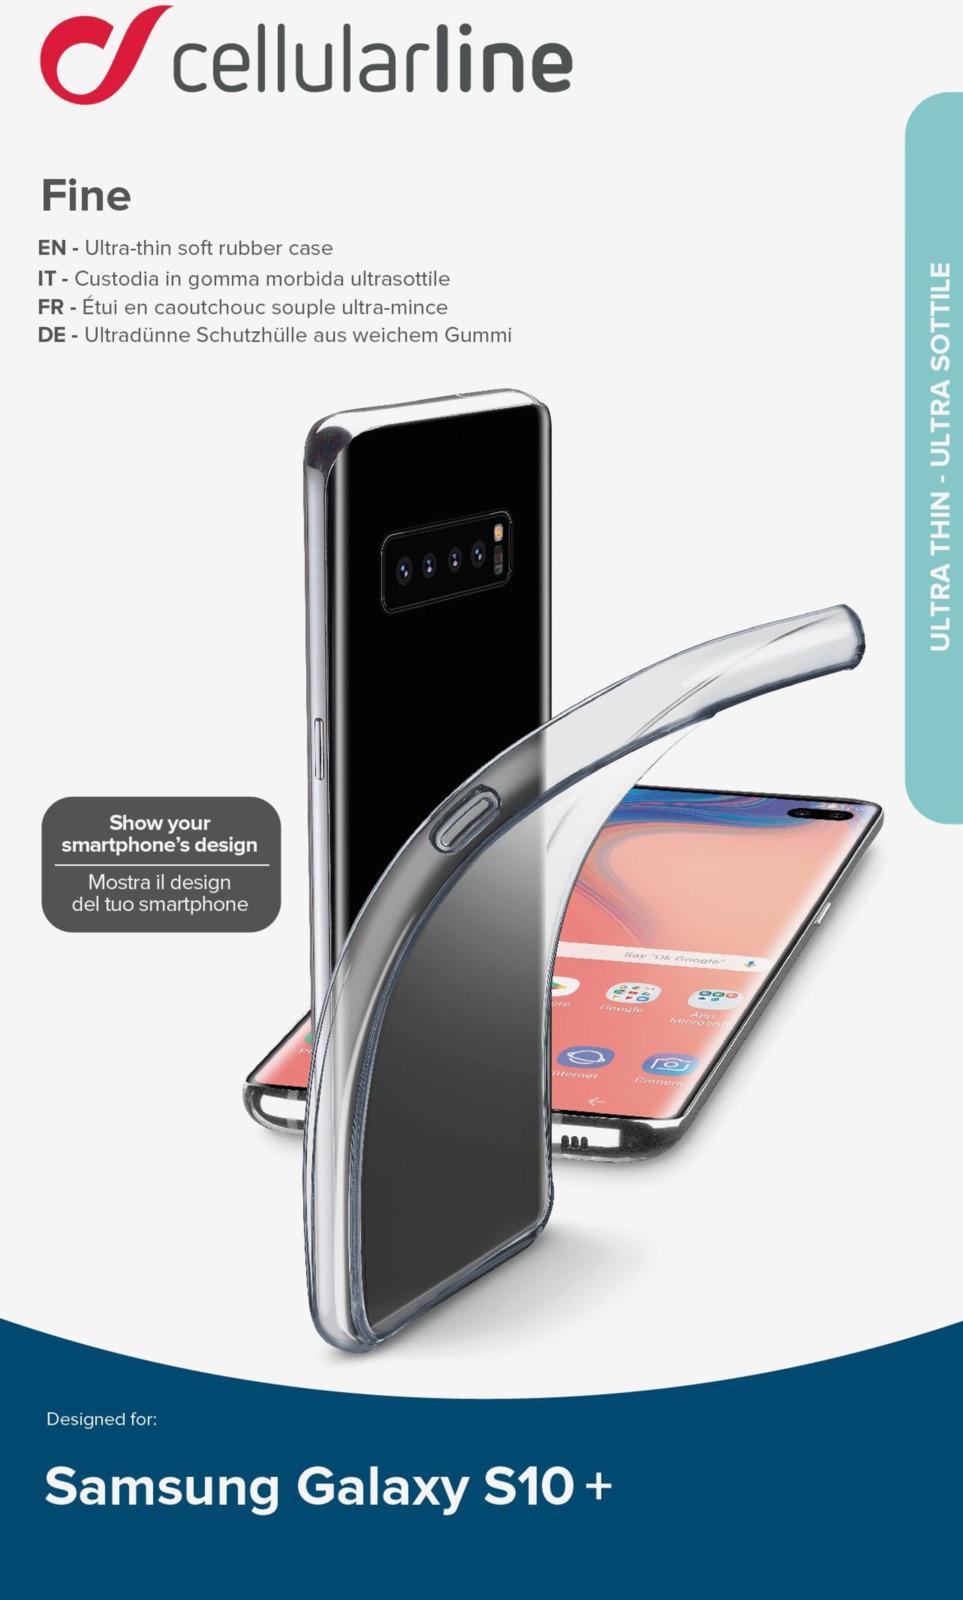 Чехол Cellularline для Samsung Galaxy S10+, FINECGALS10PLT, прозрачный стоимость